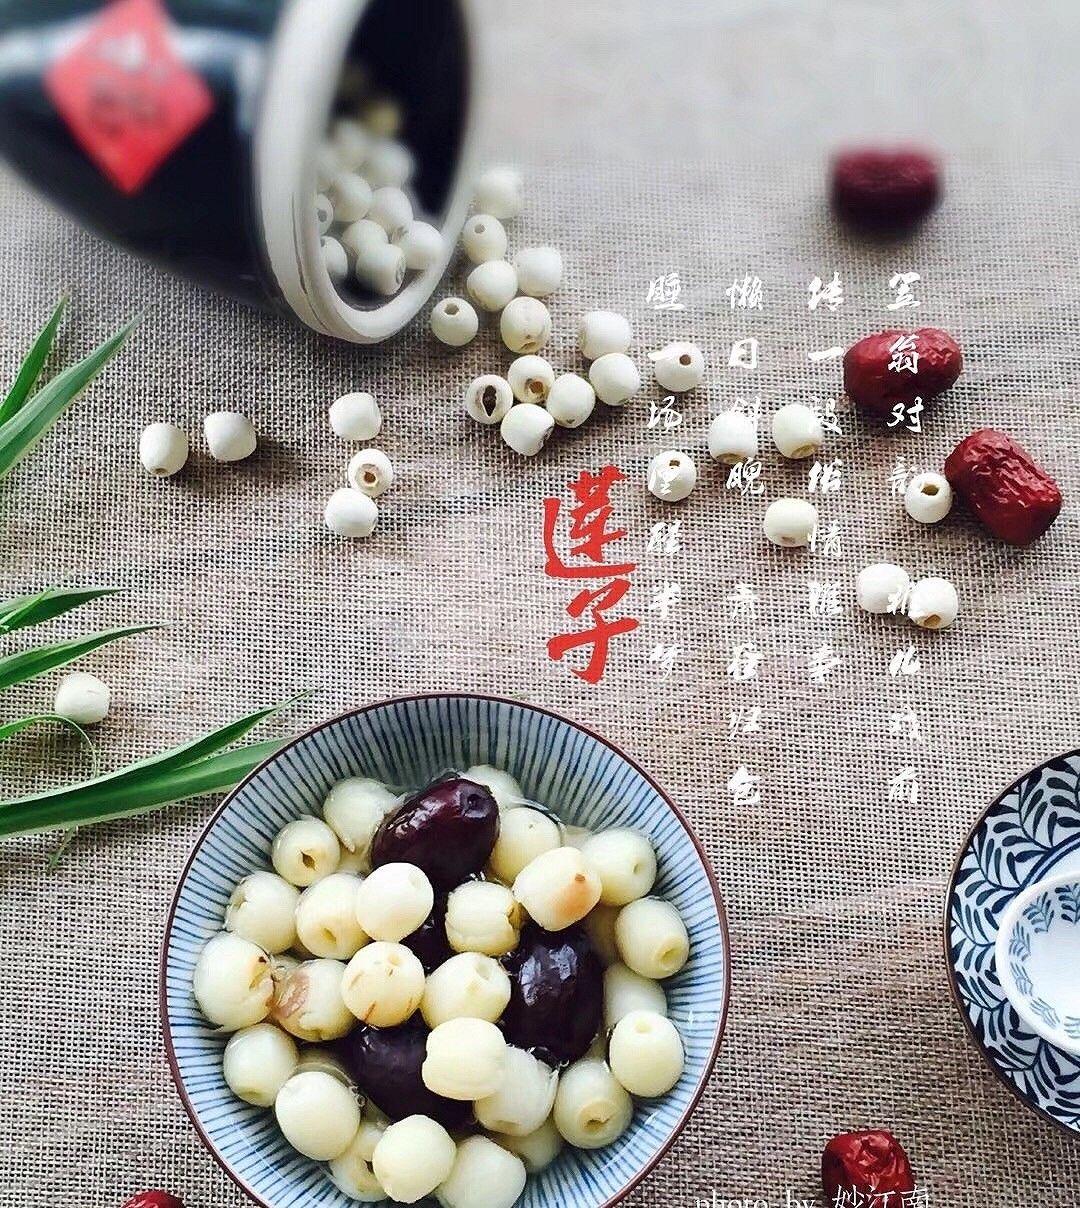 #硬核菜谱制作人#早餐莲子羹盛夏消暑图片红枣美式甜品食谱大全图片